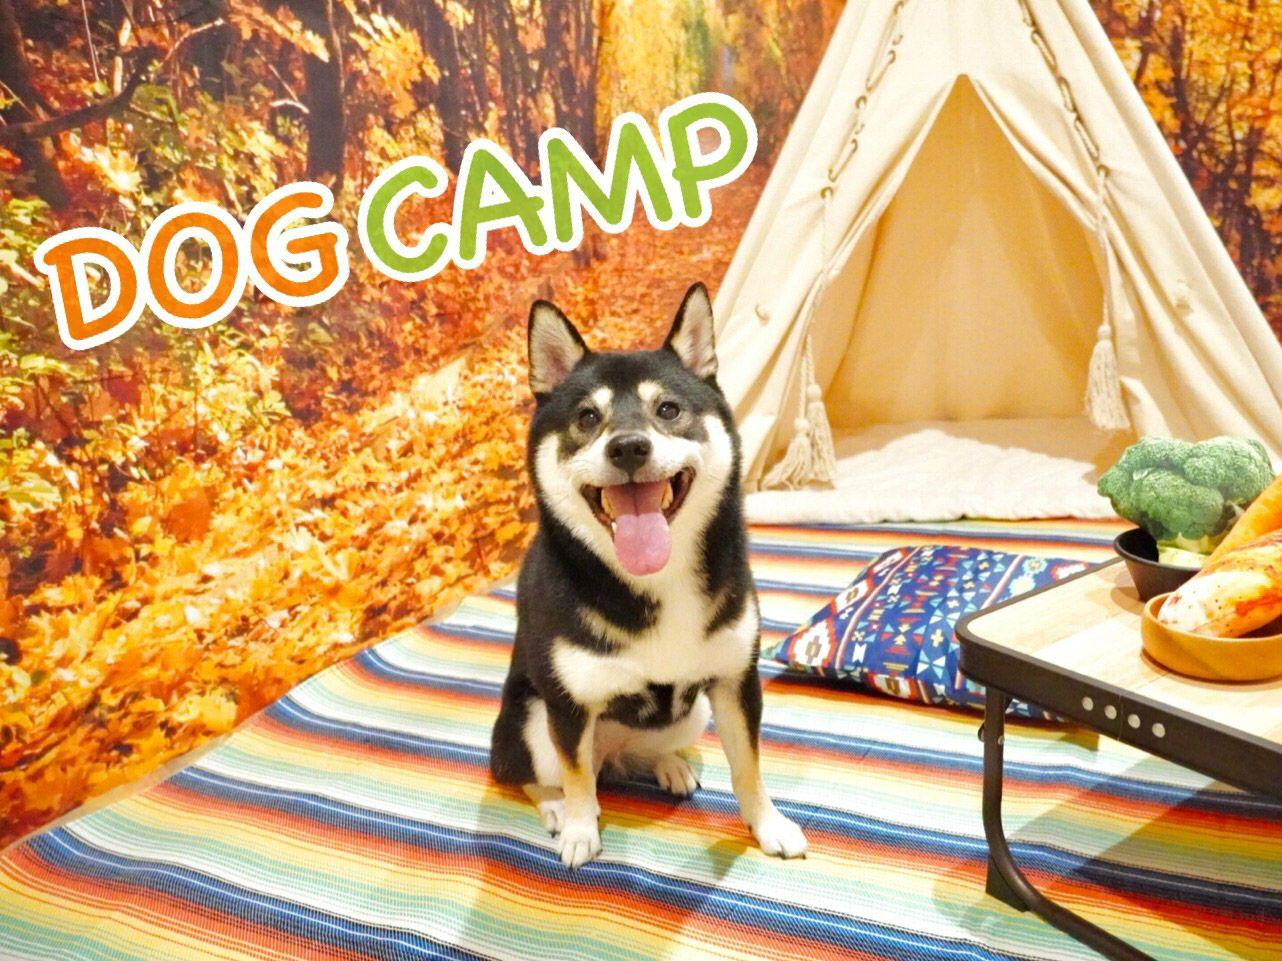 【ホテル】☆DOG CAMP(ドッグキャンプ)☆開催!